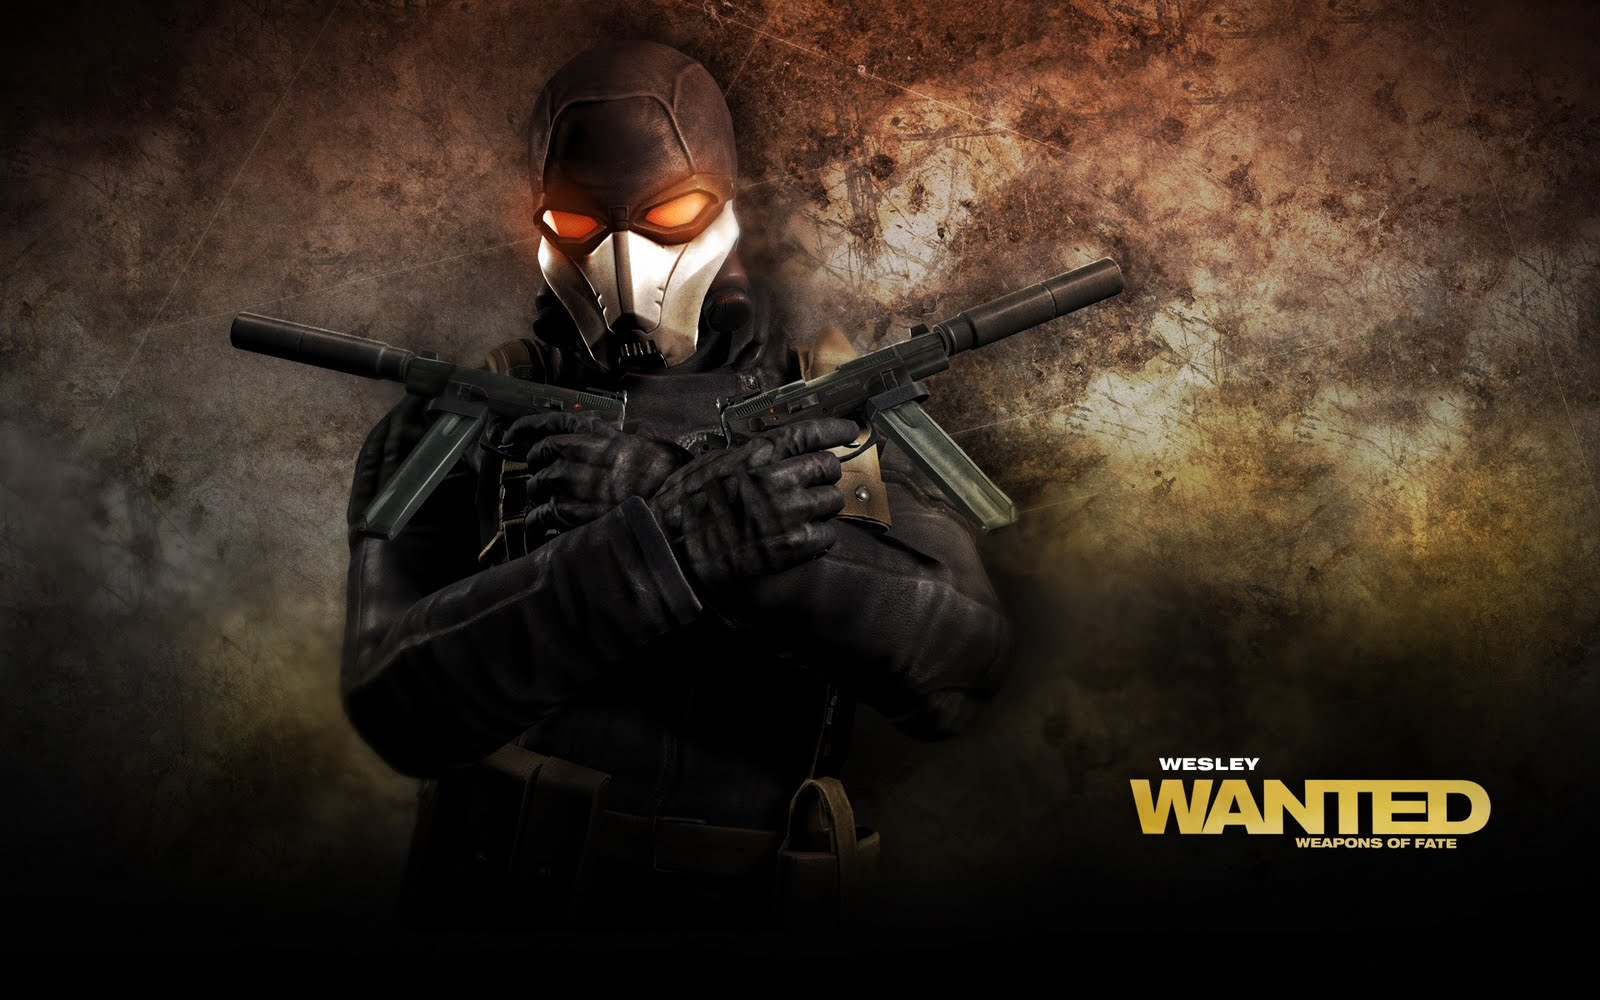 http://2.bp.blogspot.com/_KLJU3hHDGVM/Swcs6D4IiRI/AAAAAAAAA-4/X736aIAPHnA/s1600/Games+wallpaper.jpg